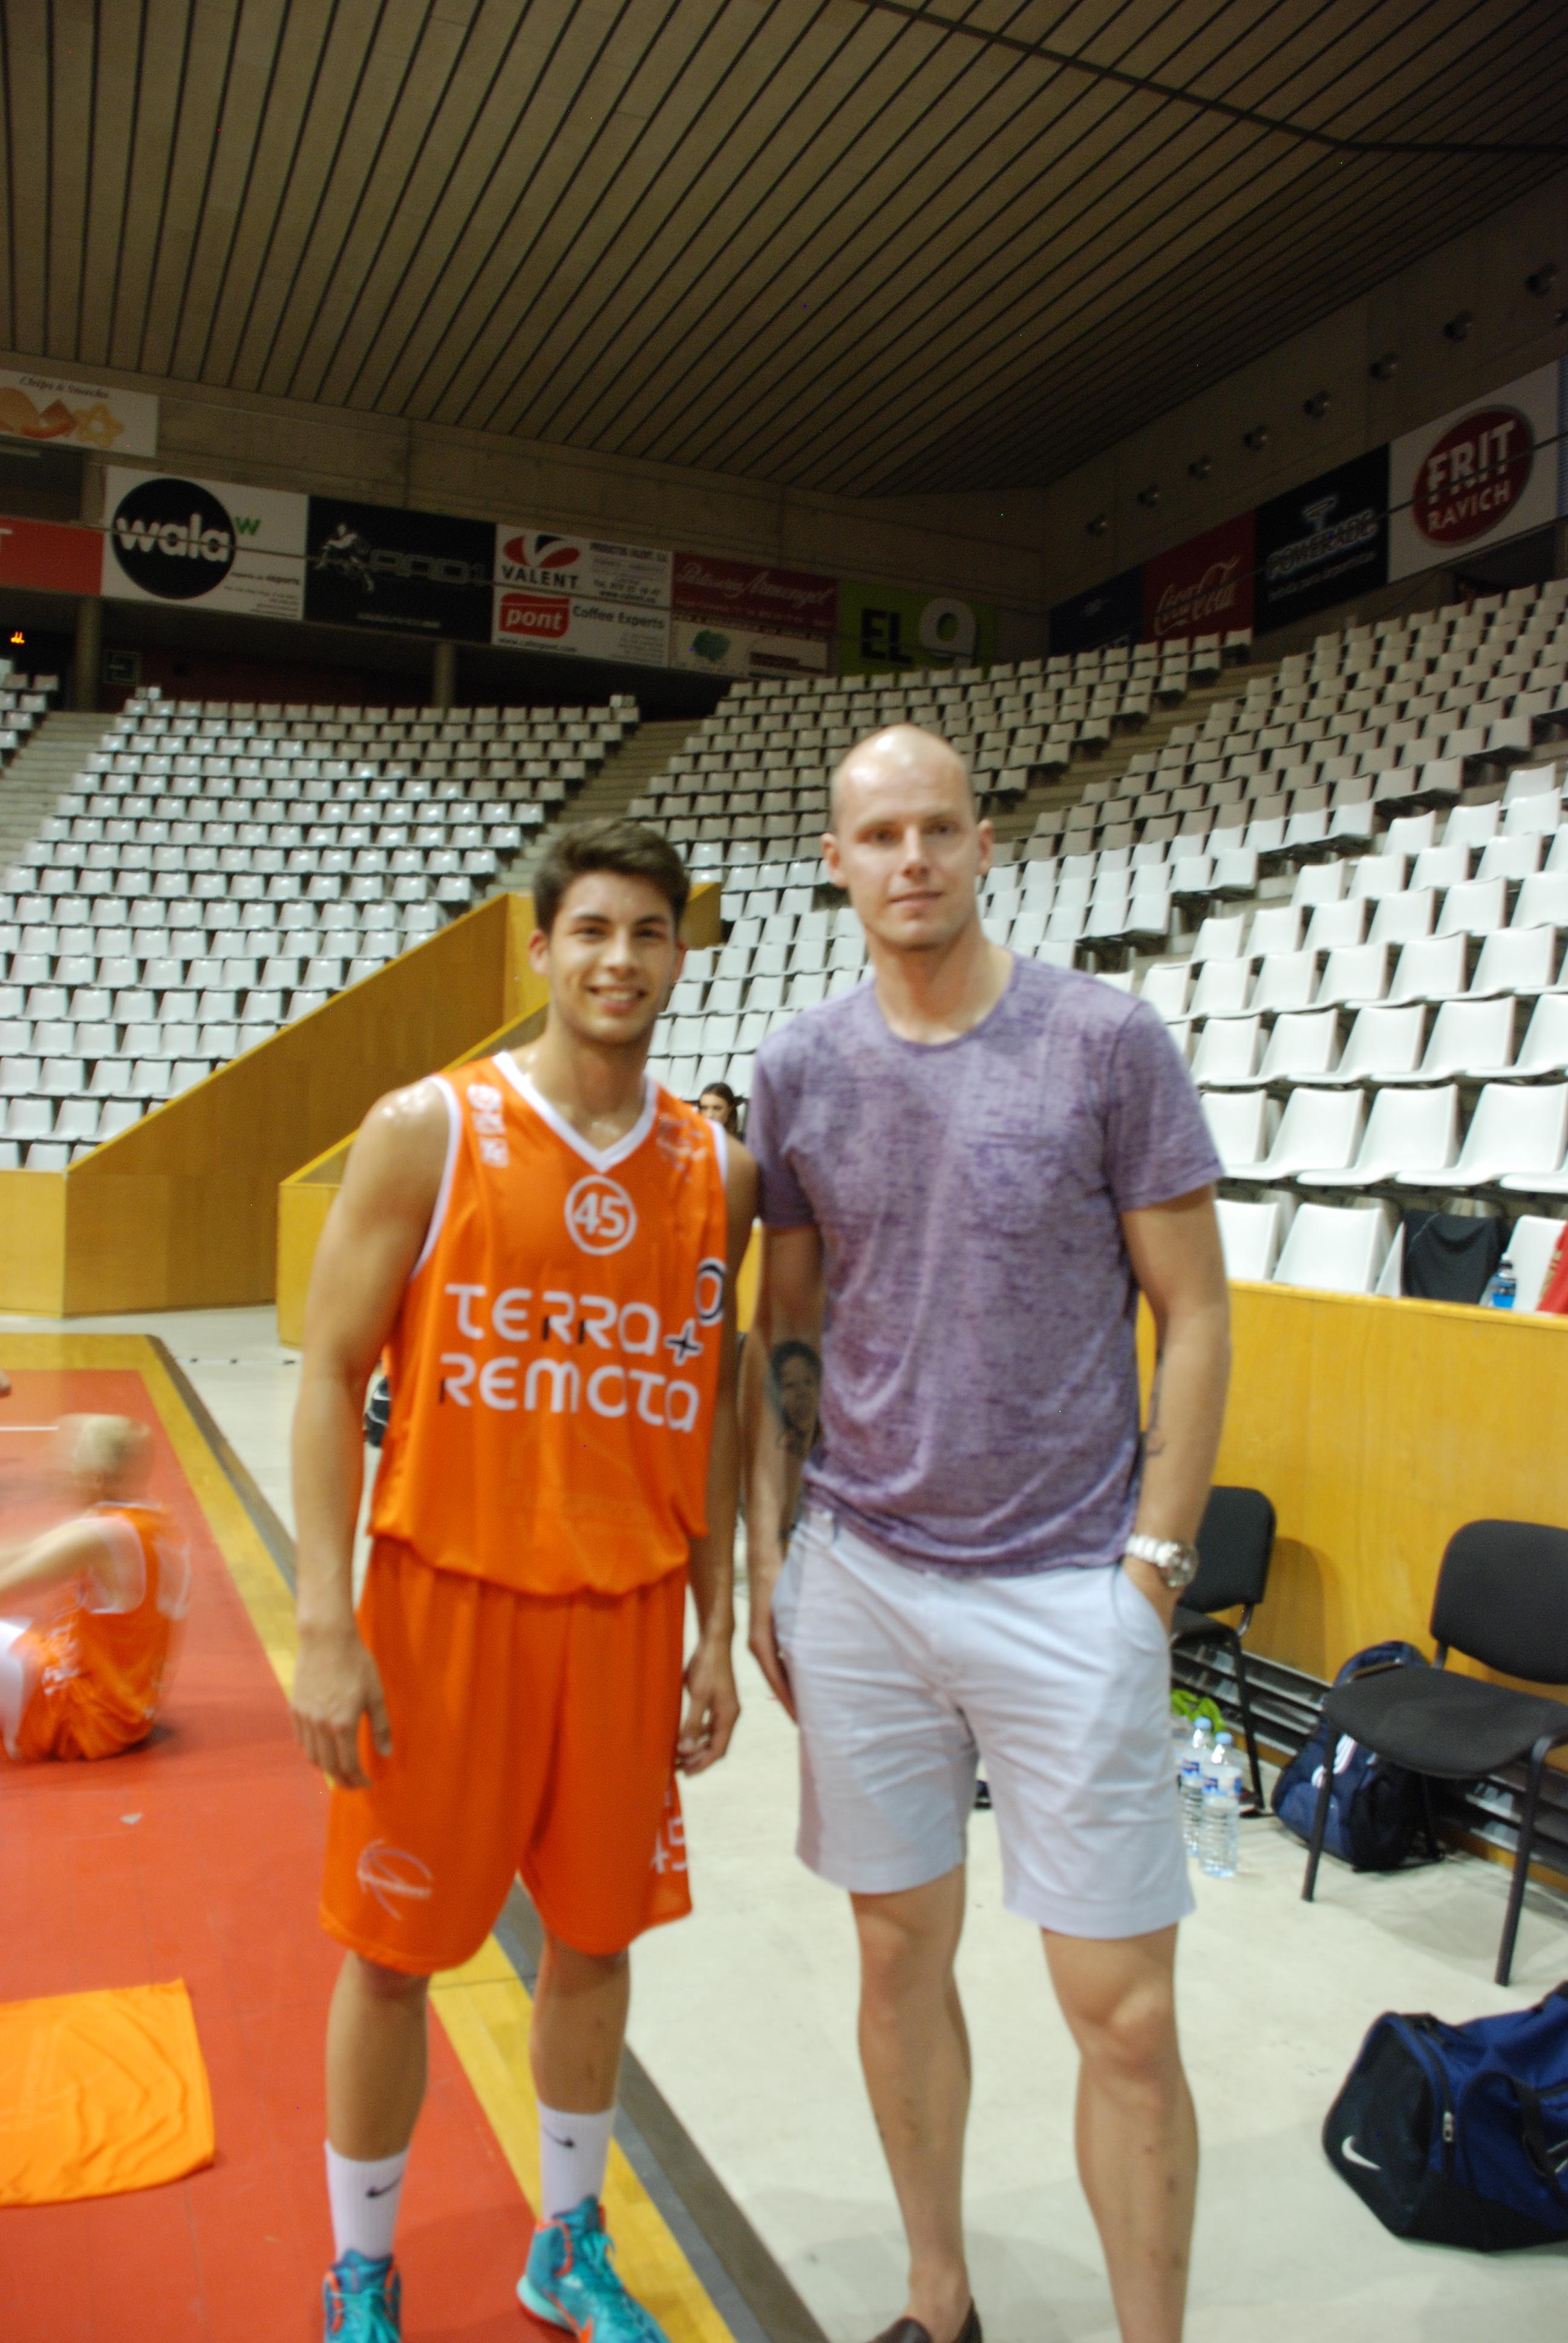 Maciej Lampe Brad Kanis Europrobasket FC Barcelona Maciej Lampe NBA  Europrobasket